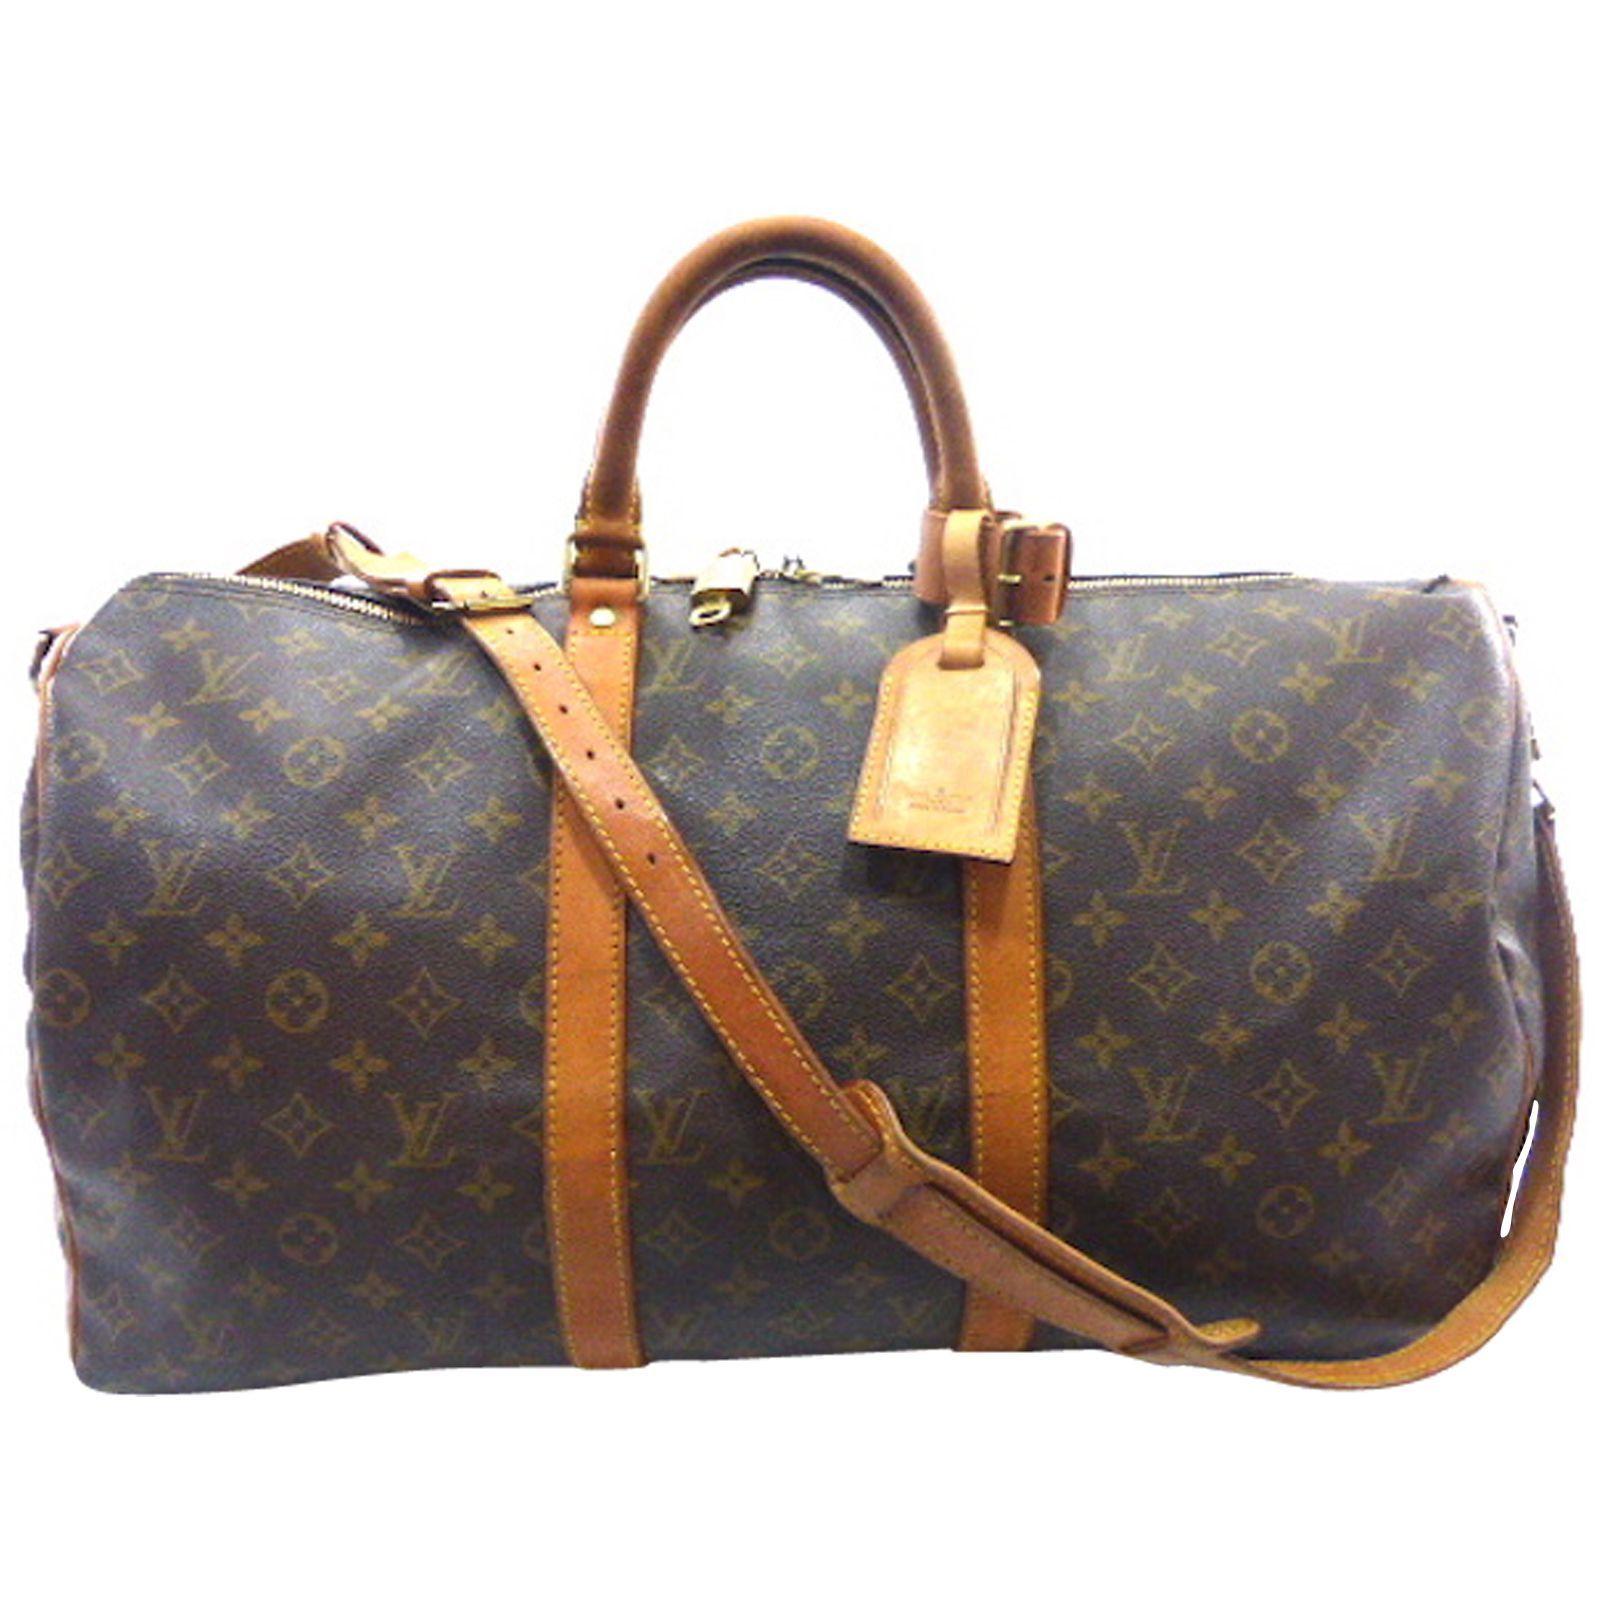 4514111a8cb3 Les ventes privées que vous avez raté... Vente PriveeLouis Vuitton  KeepallMonogramme